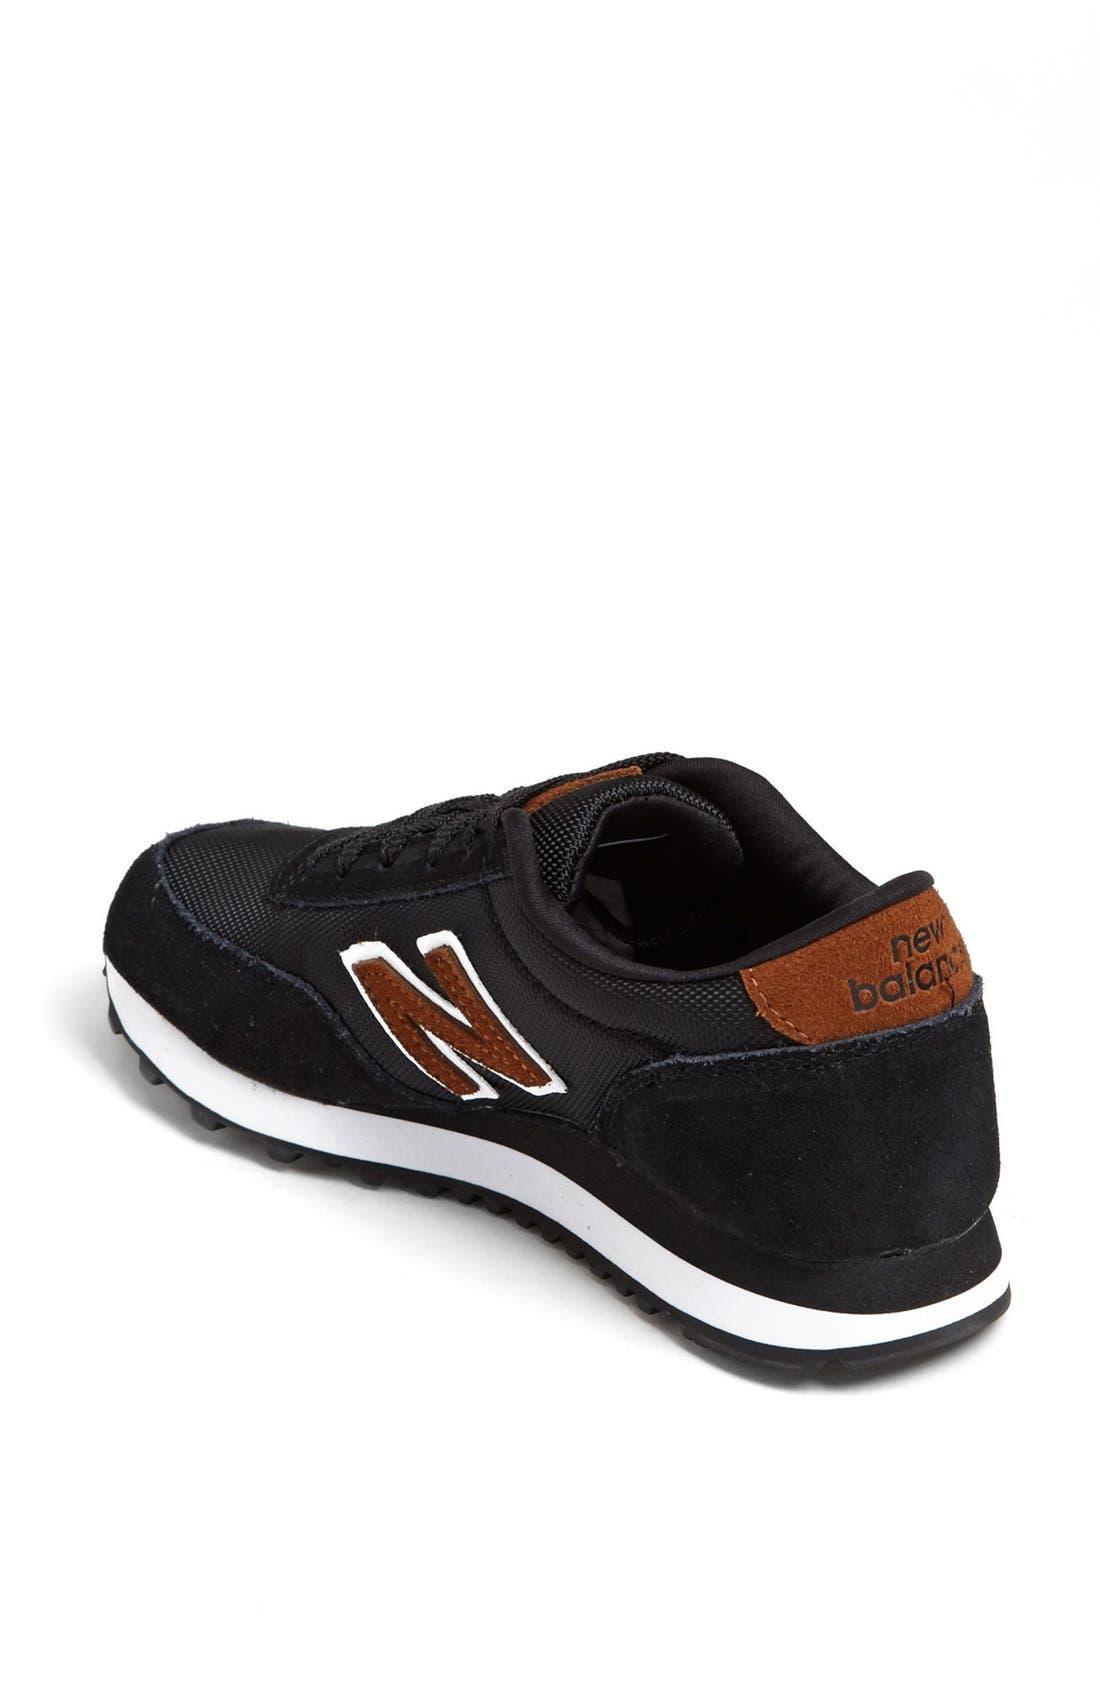 Alternate Image 2  - New Balance 'Backpack' Sneaker (Women)